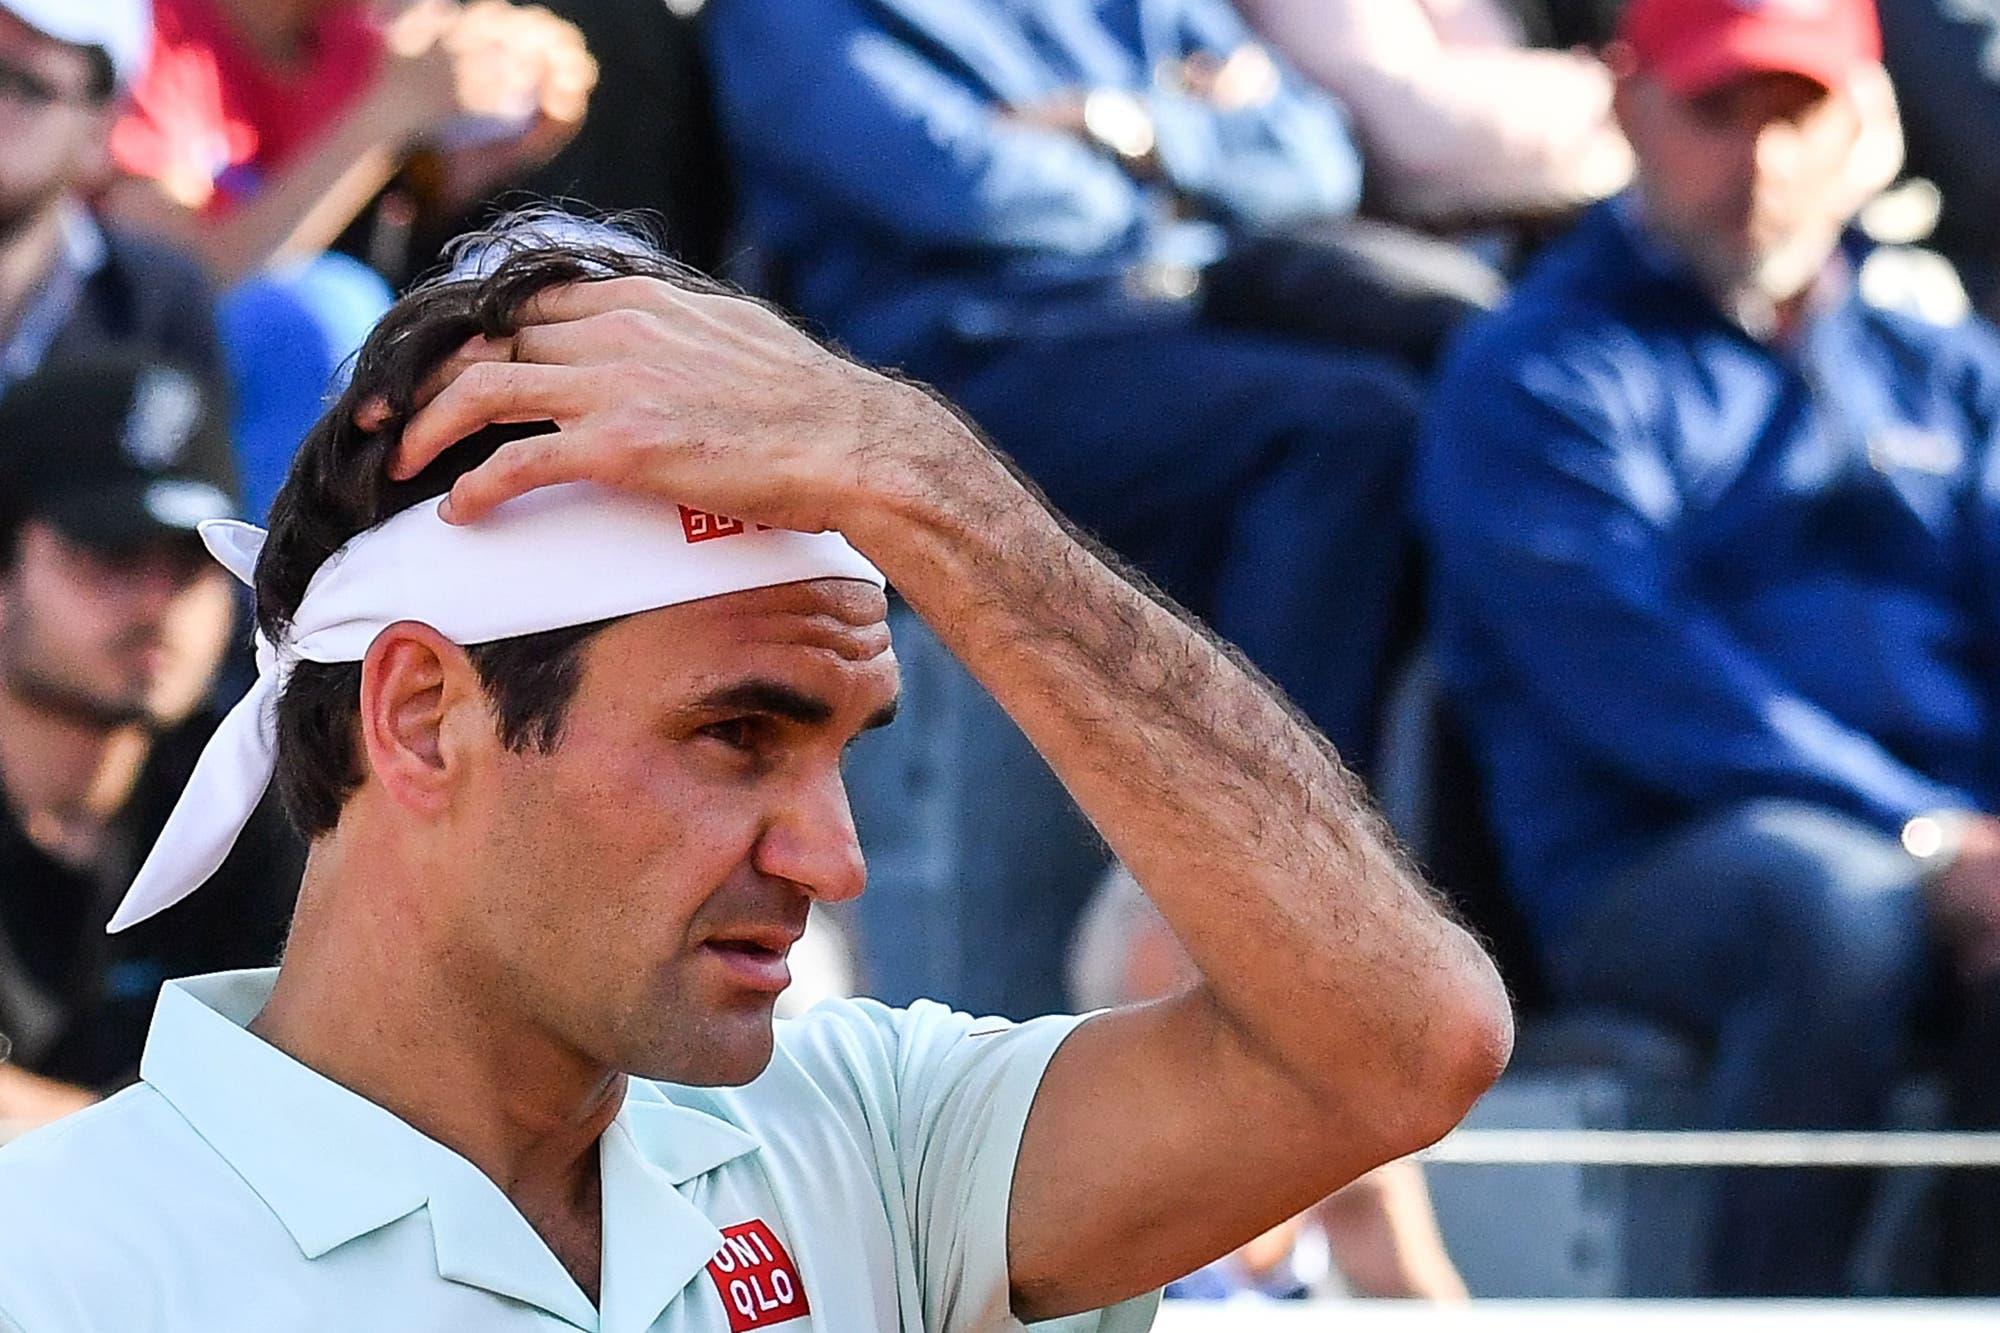 Roger Federer sorprendió con una remera de Mario Bros en la previa de Roland Garros